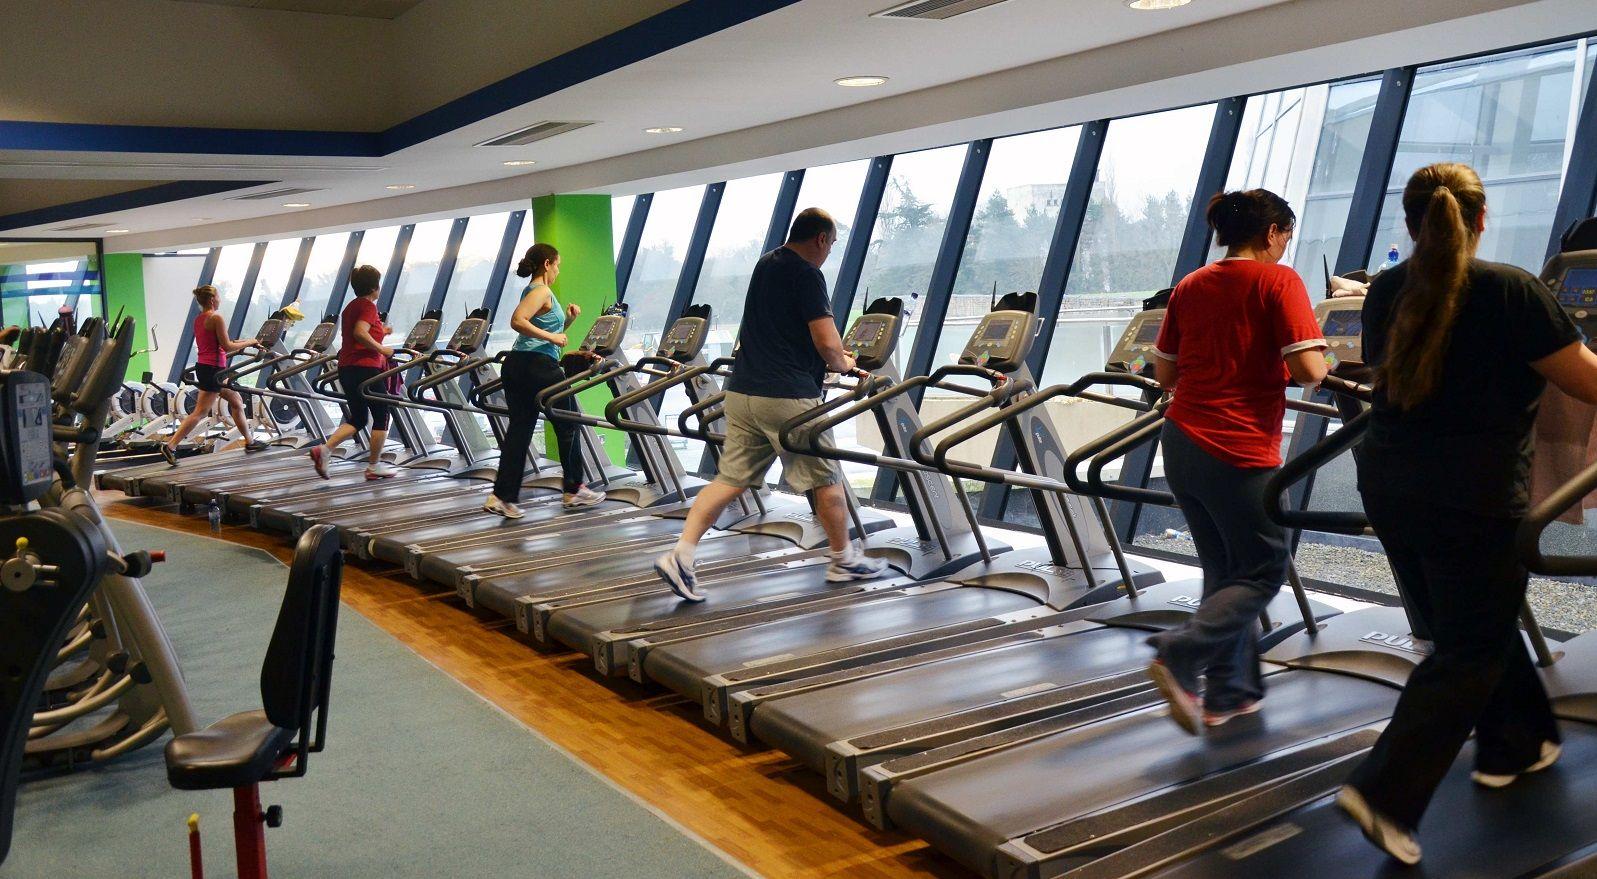 Programma fitness per dimagrire con il tapis roulant